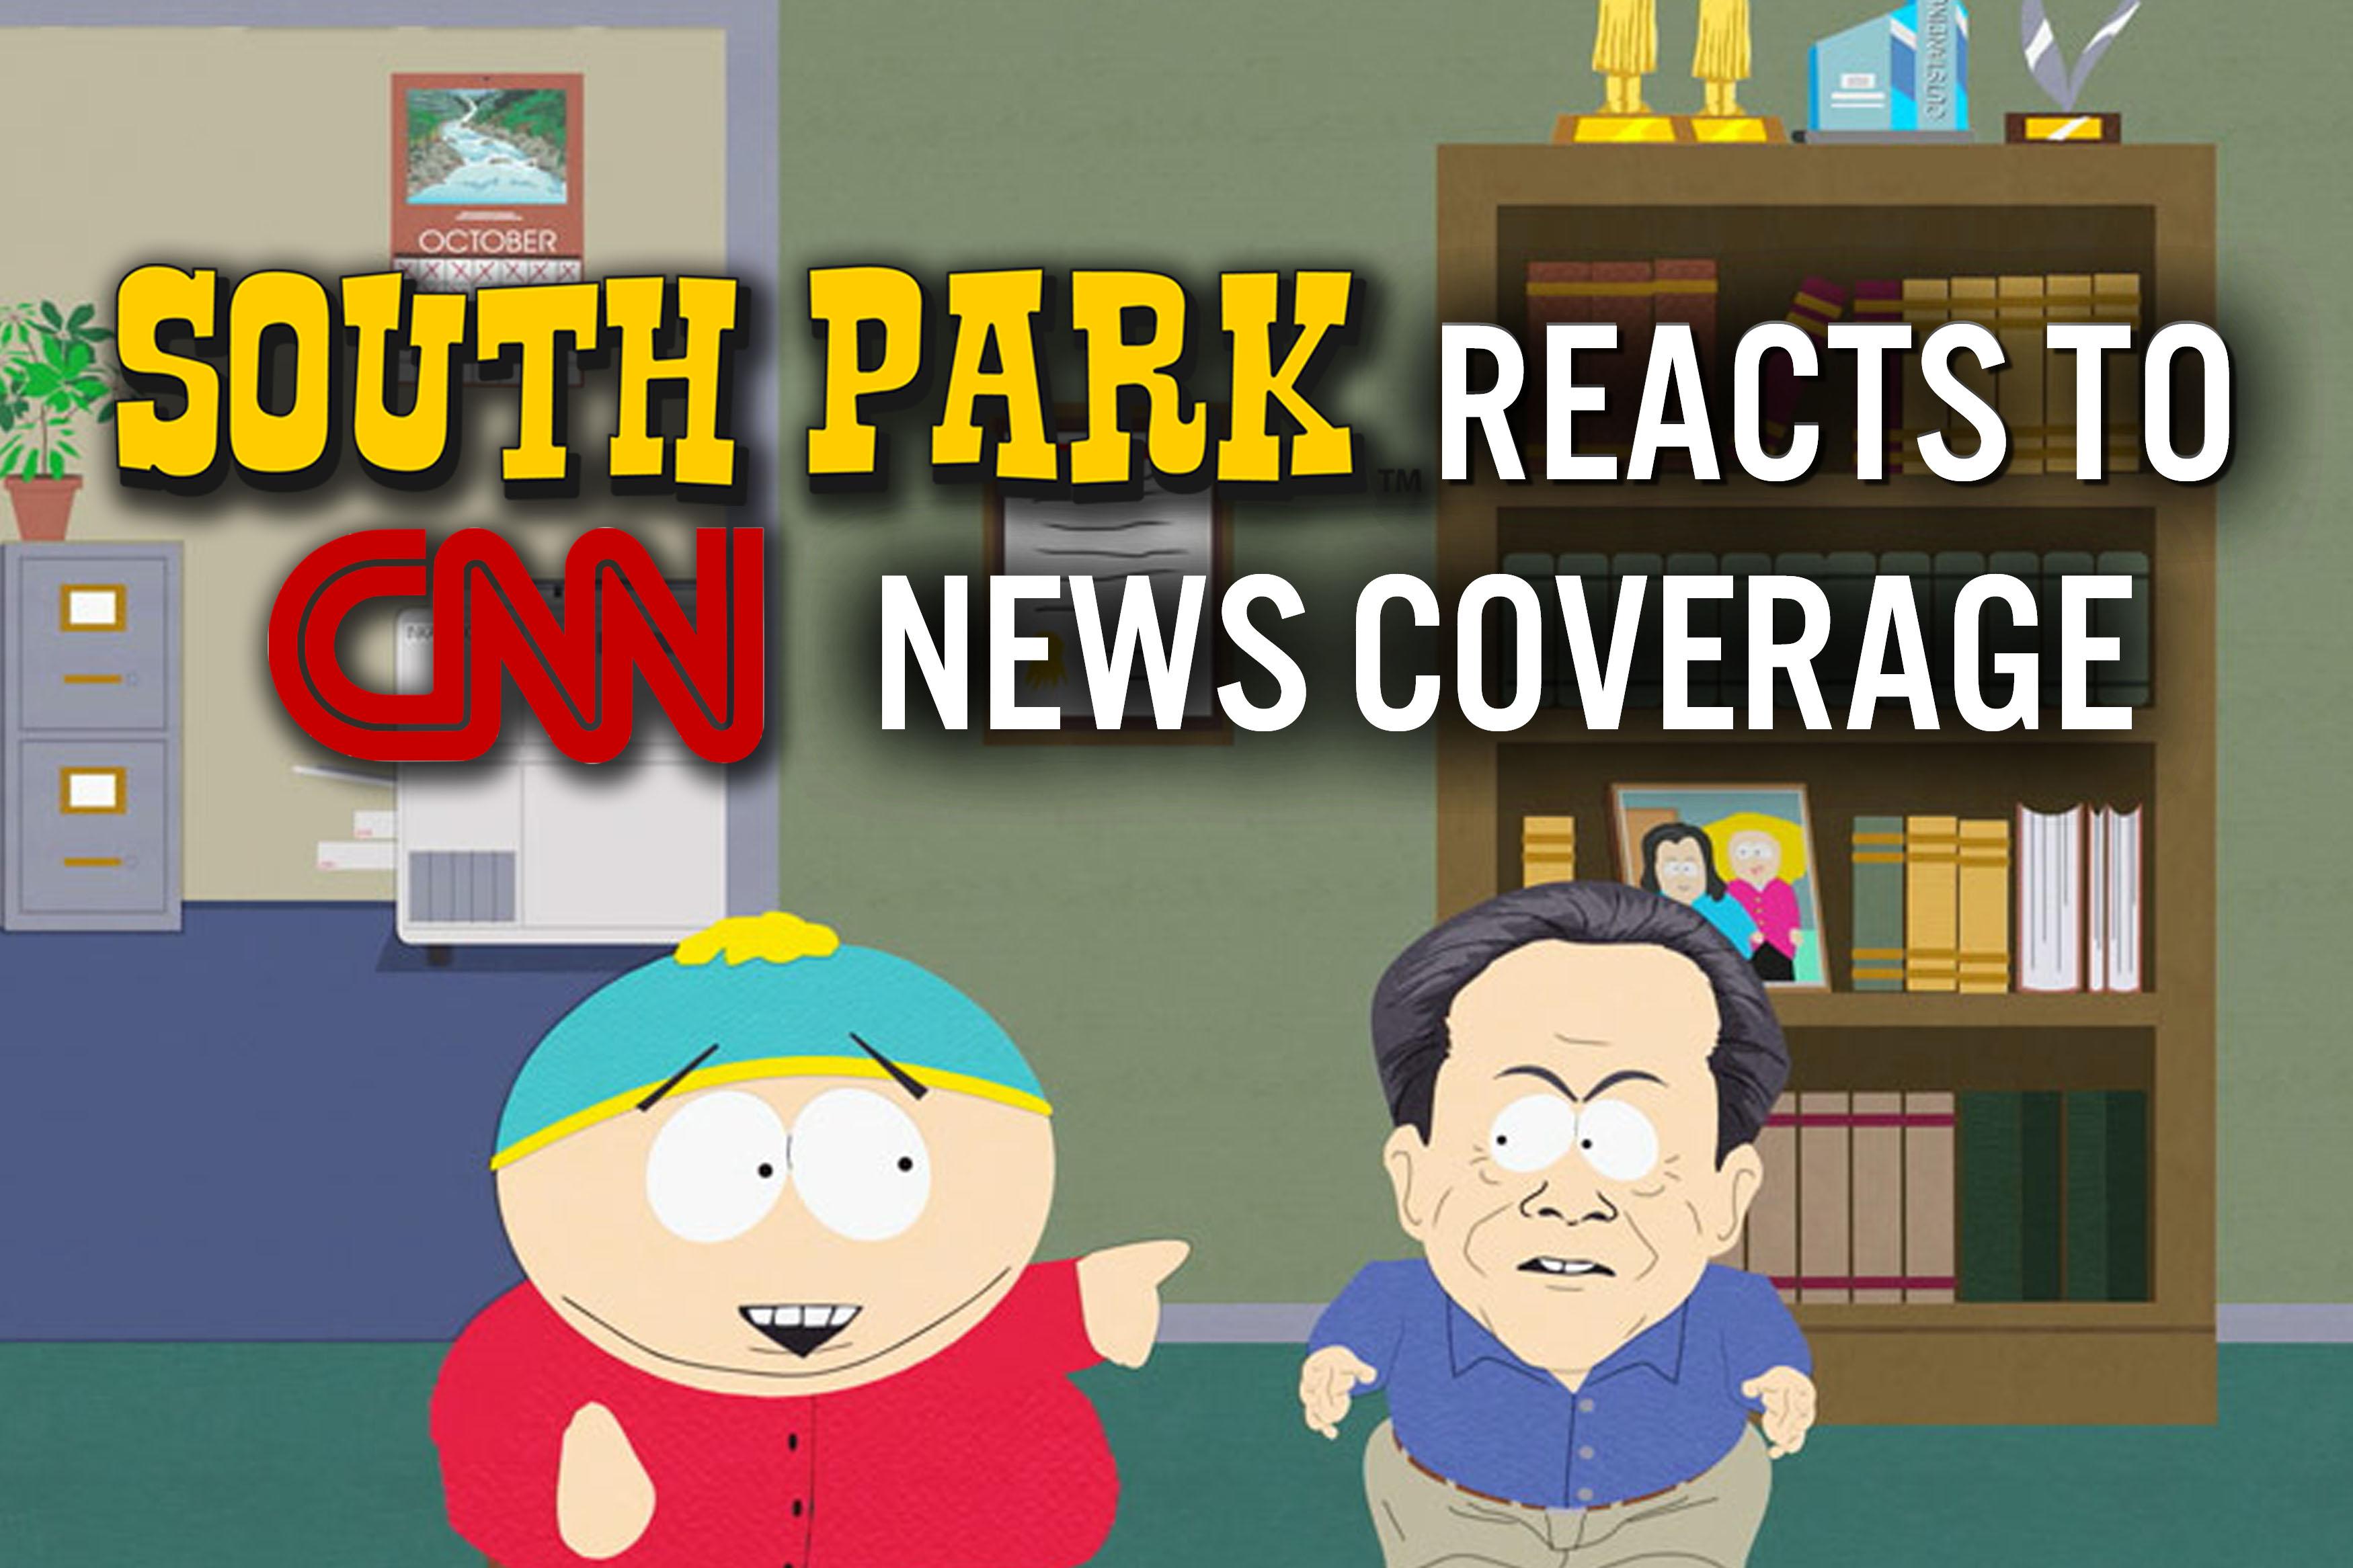 South Park CNN